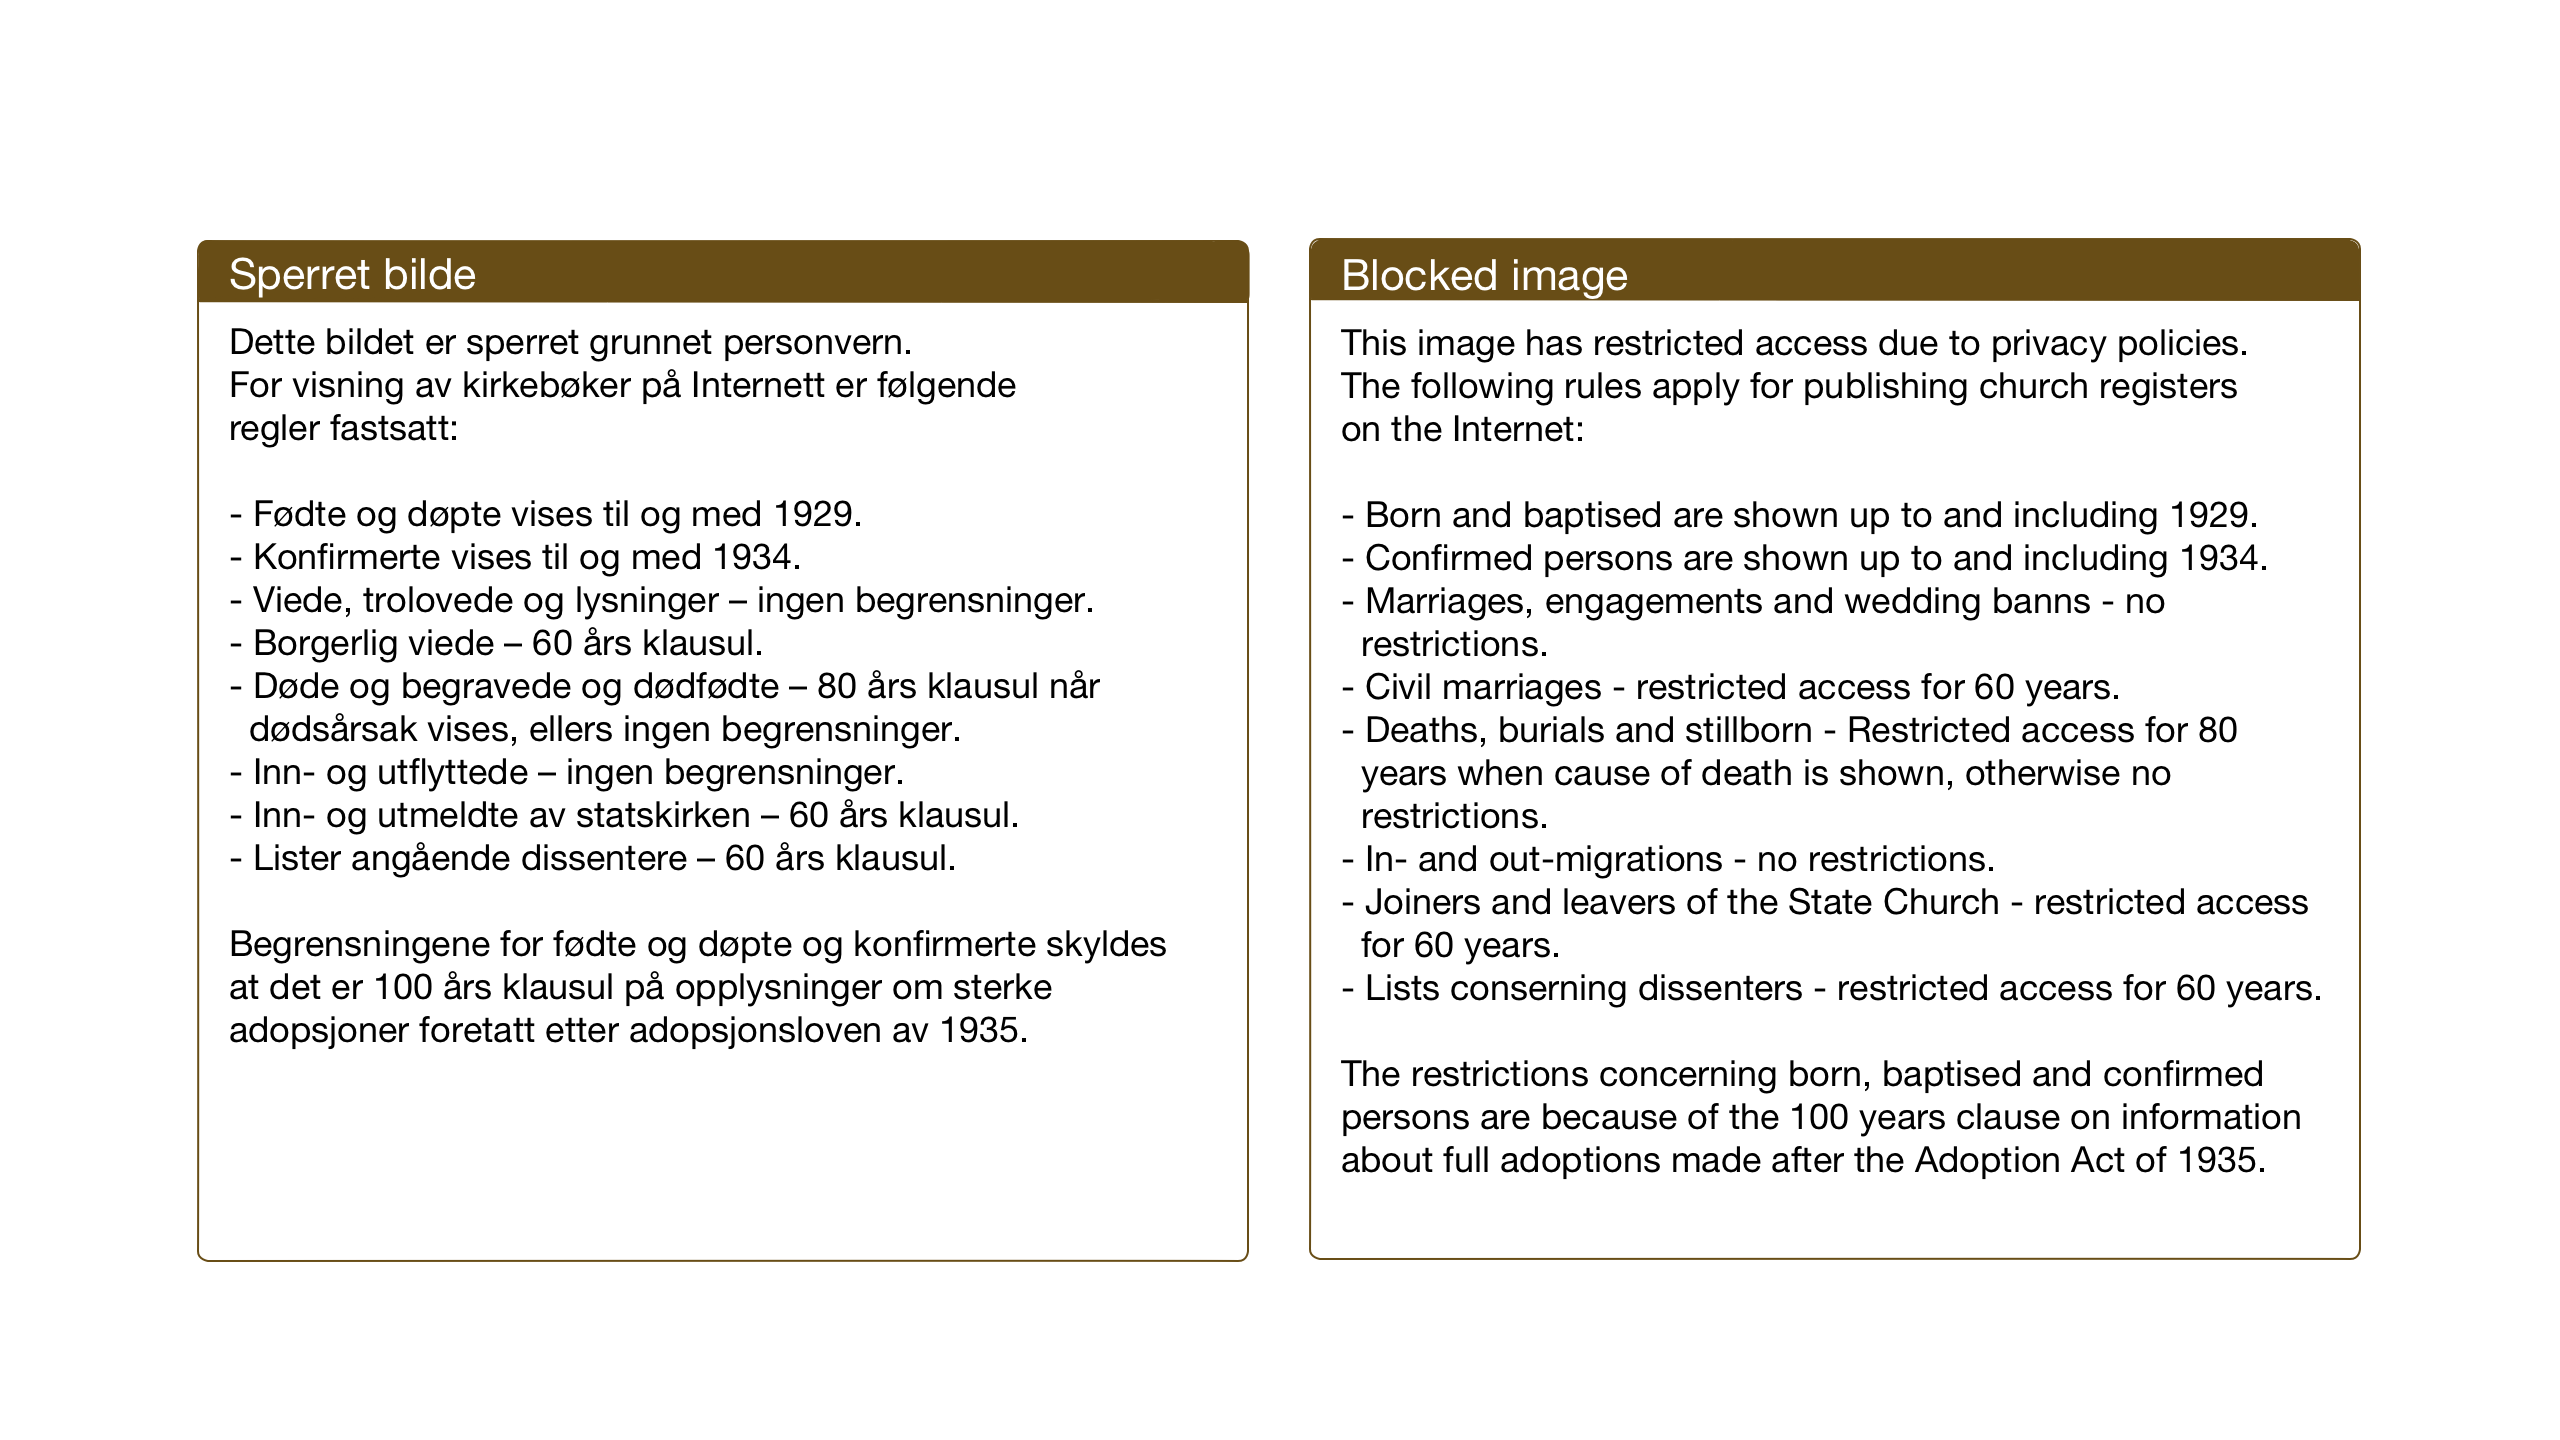 SAT, Ministerialprotokoller, klokkerbøker og fødselsregistre - Sør-Trøndelag, 637/L0564: Klokkerbok nr. 637C05, 1928-1968, s. 48